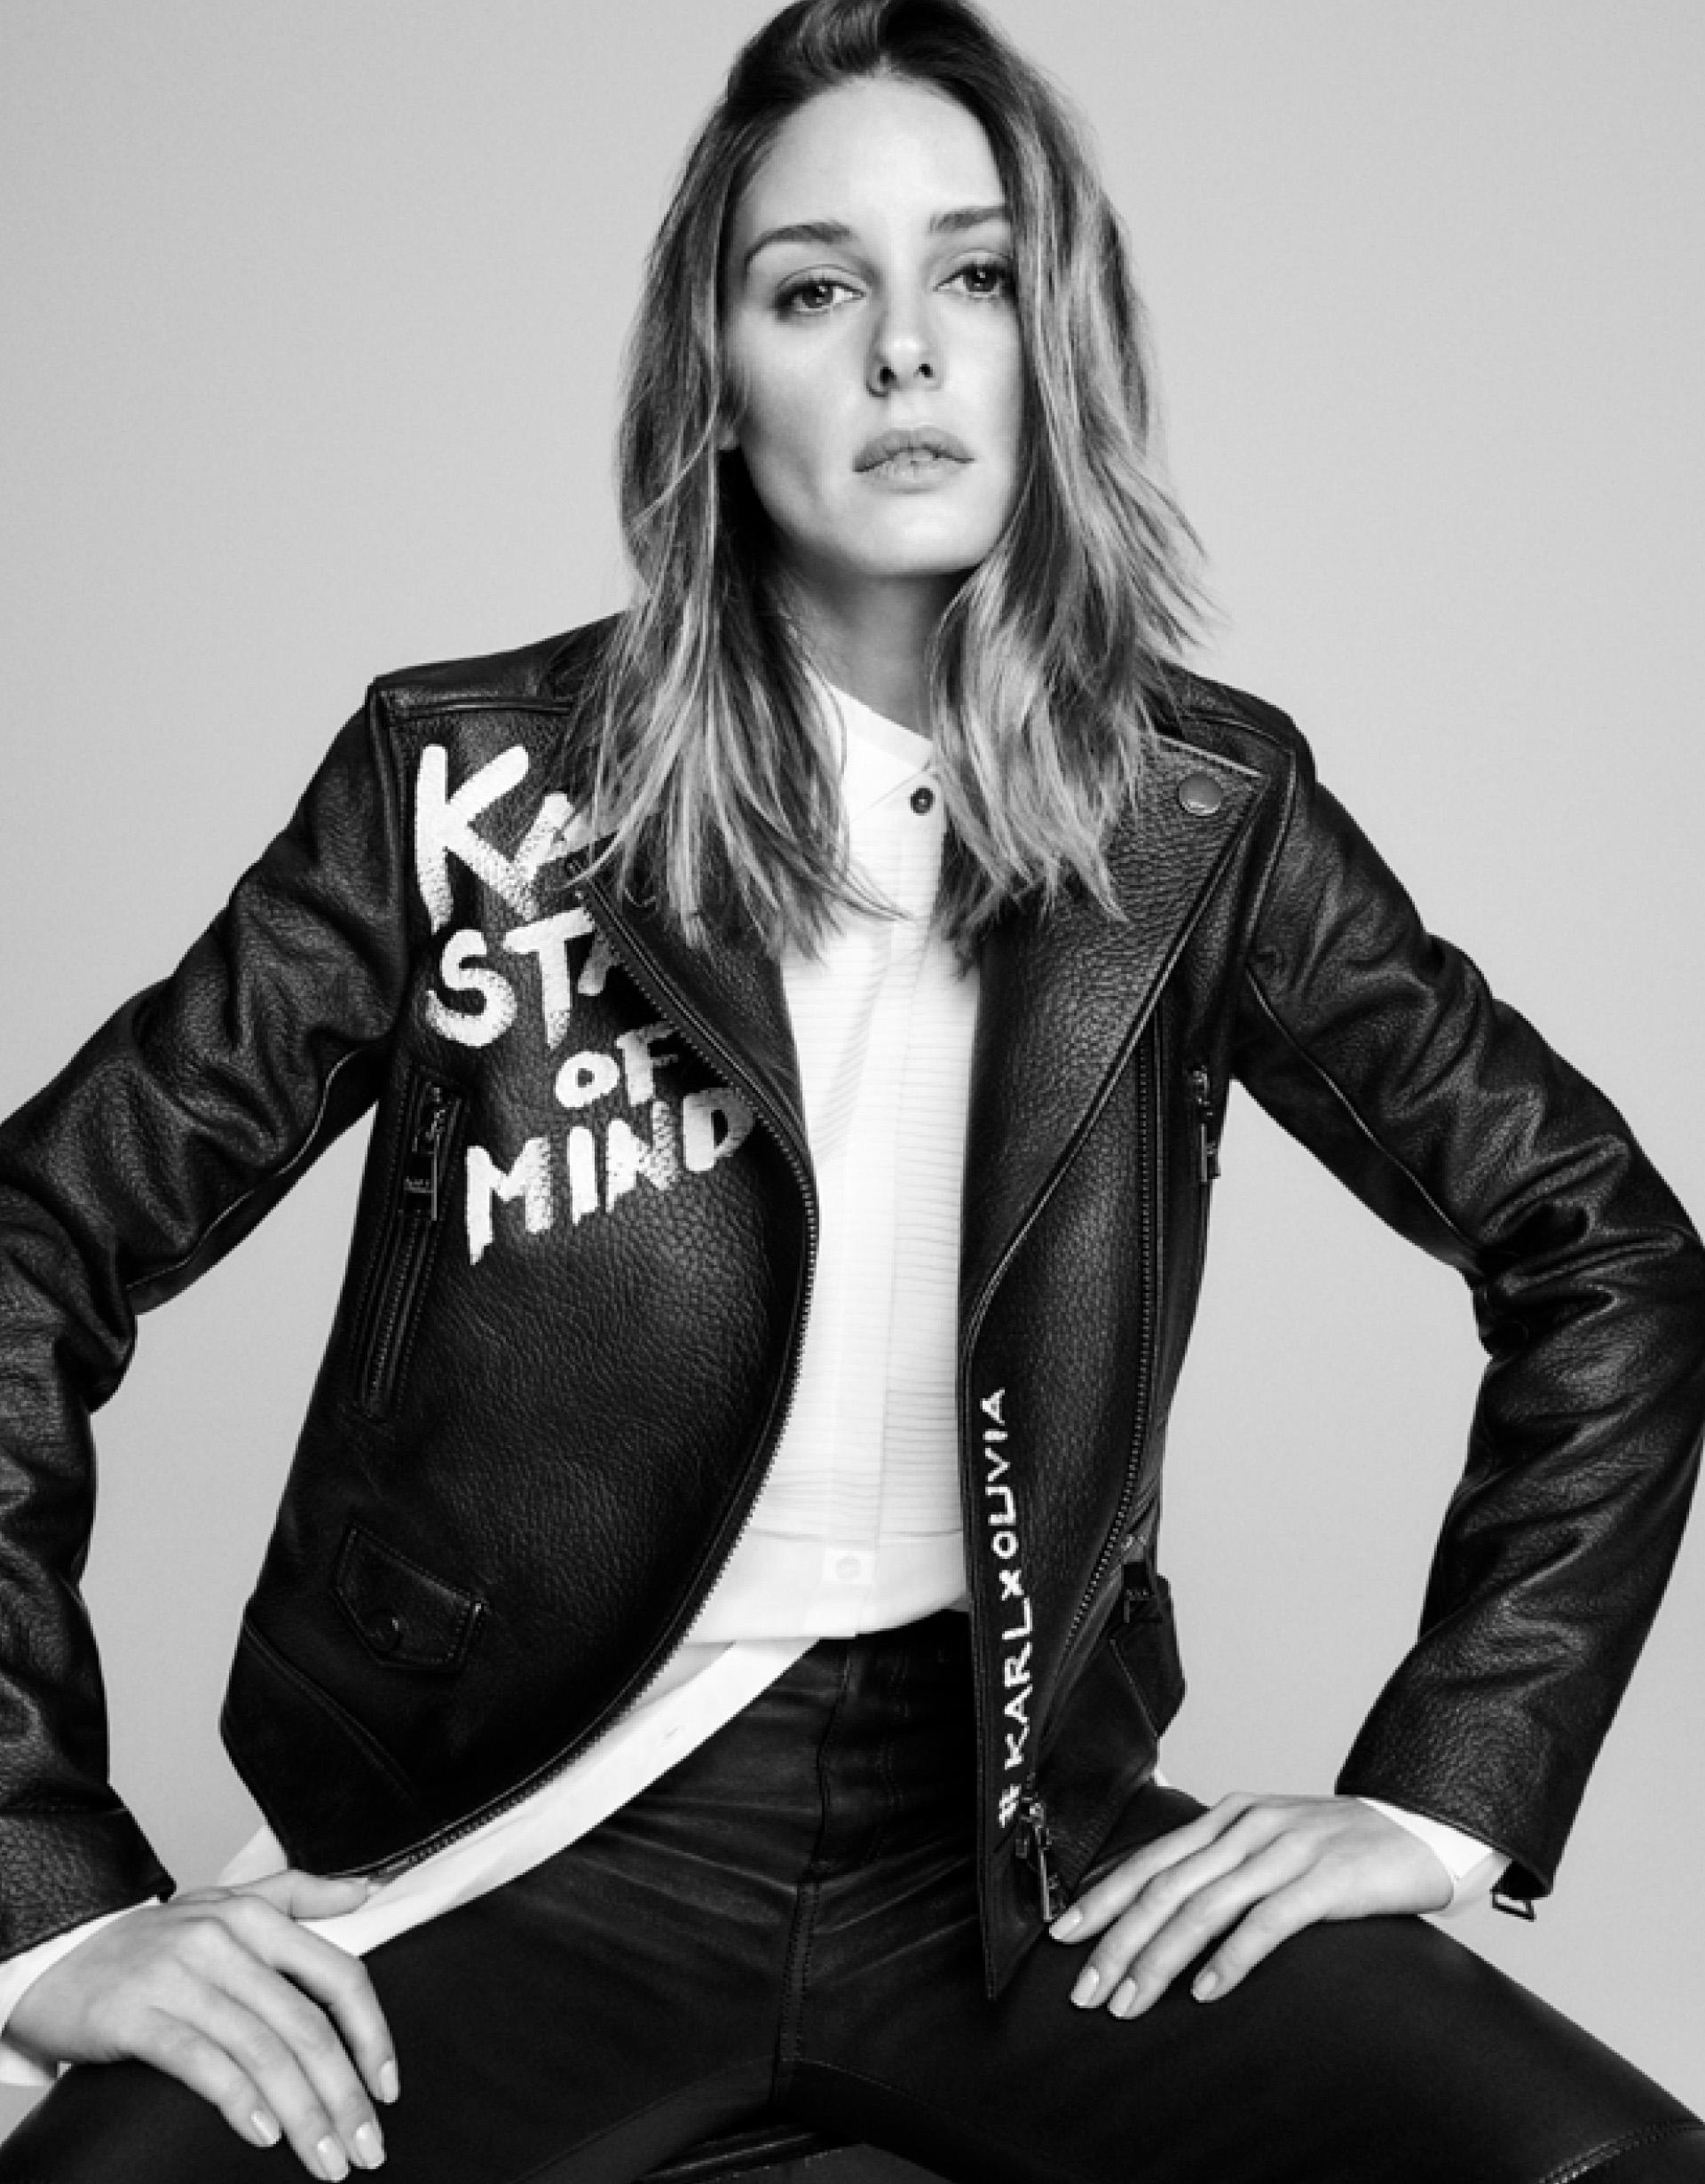 Η Οlivia Palermo συνεργάζεται με τον Οίκο Karl Lagerfeld σε ένα fashion project που περιμέναμε καιρό